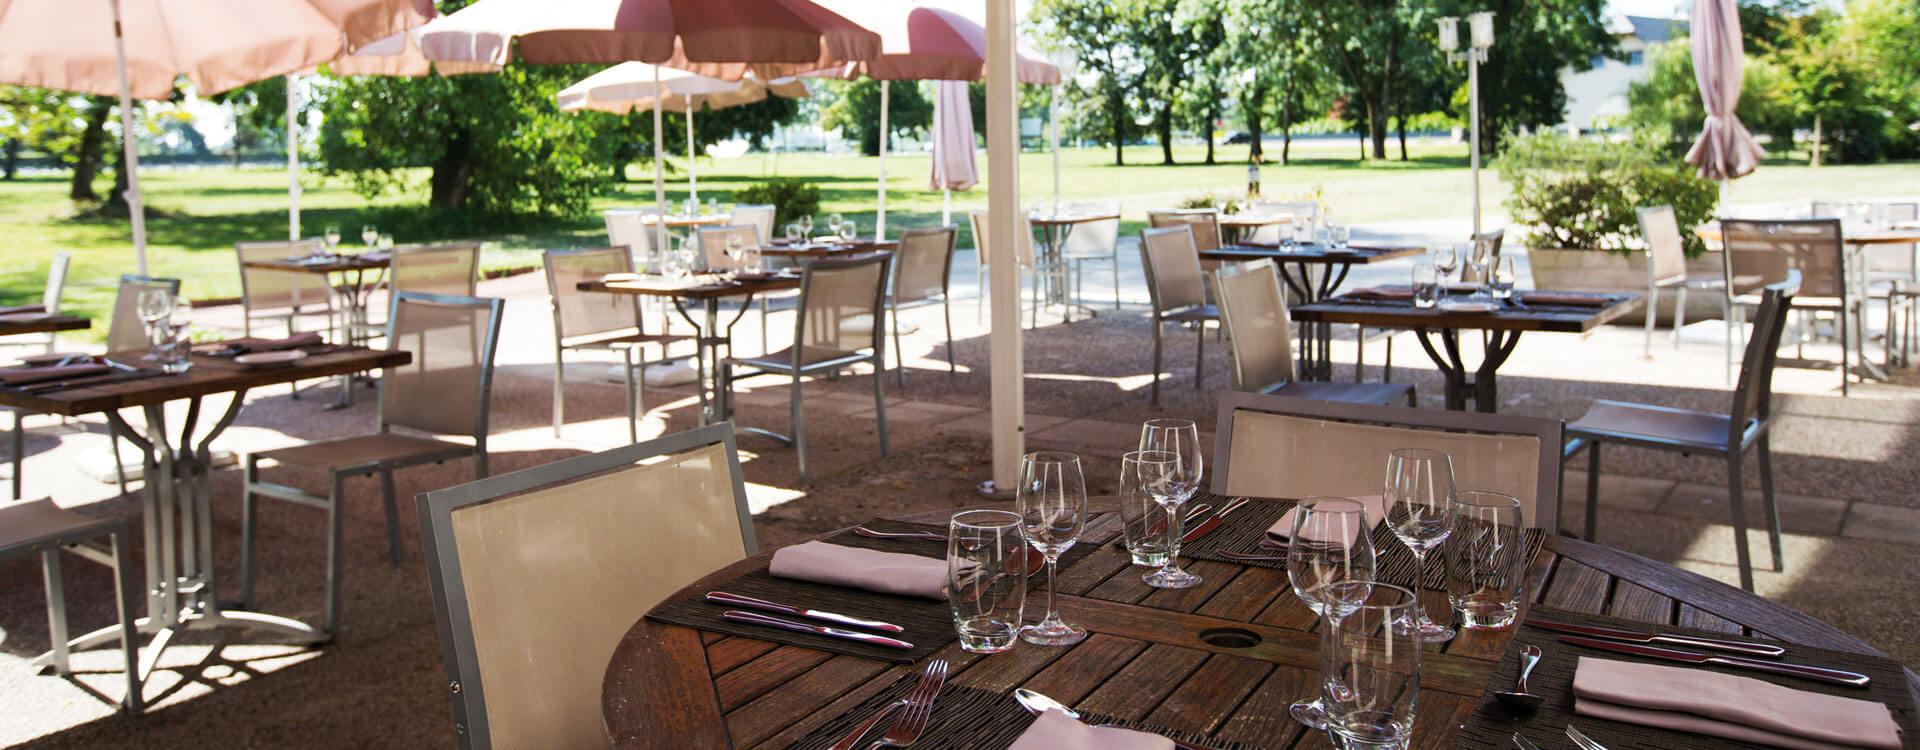 Terrasse - Hôtel et résidence La Villa du Lac à Divonne